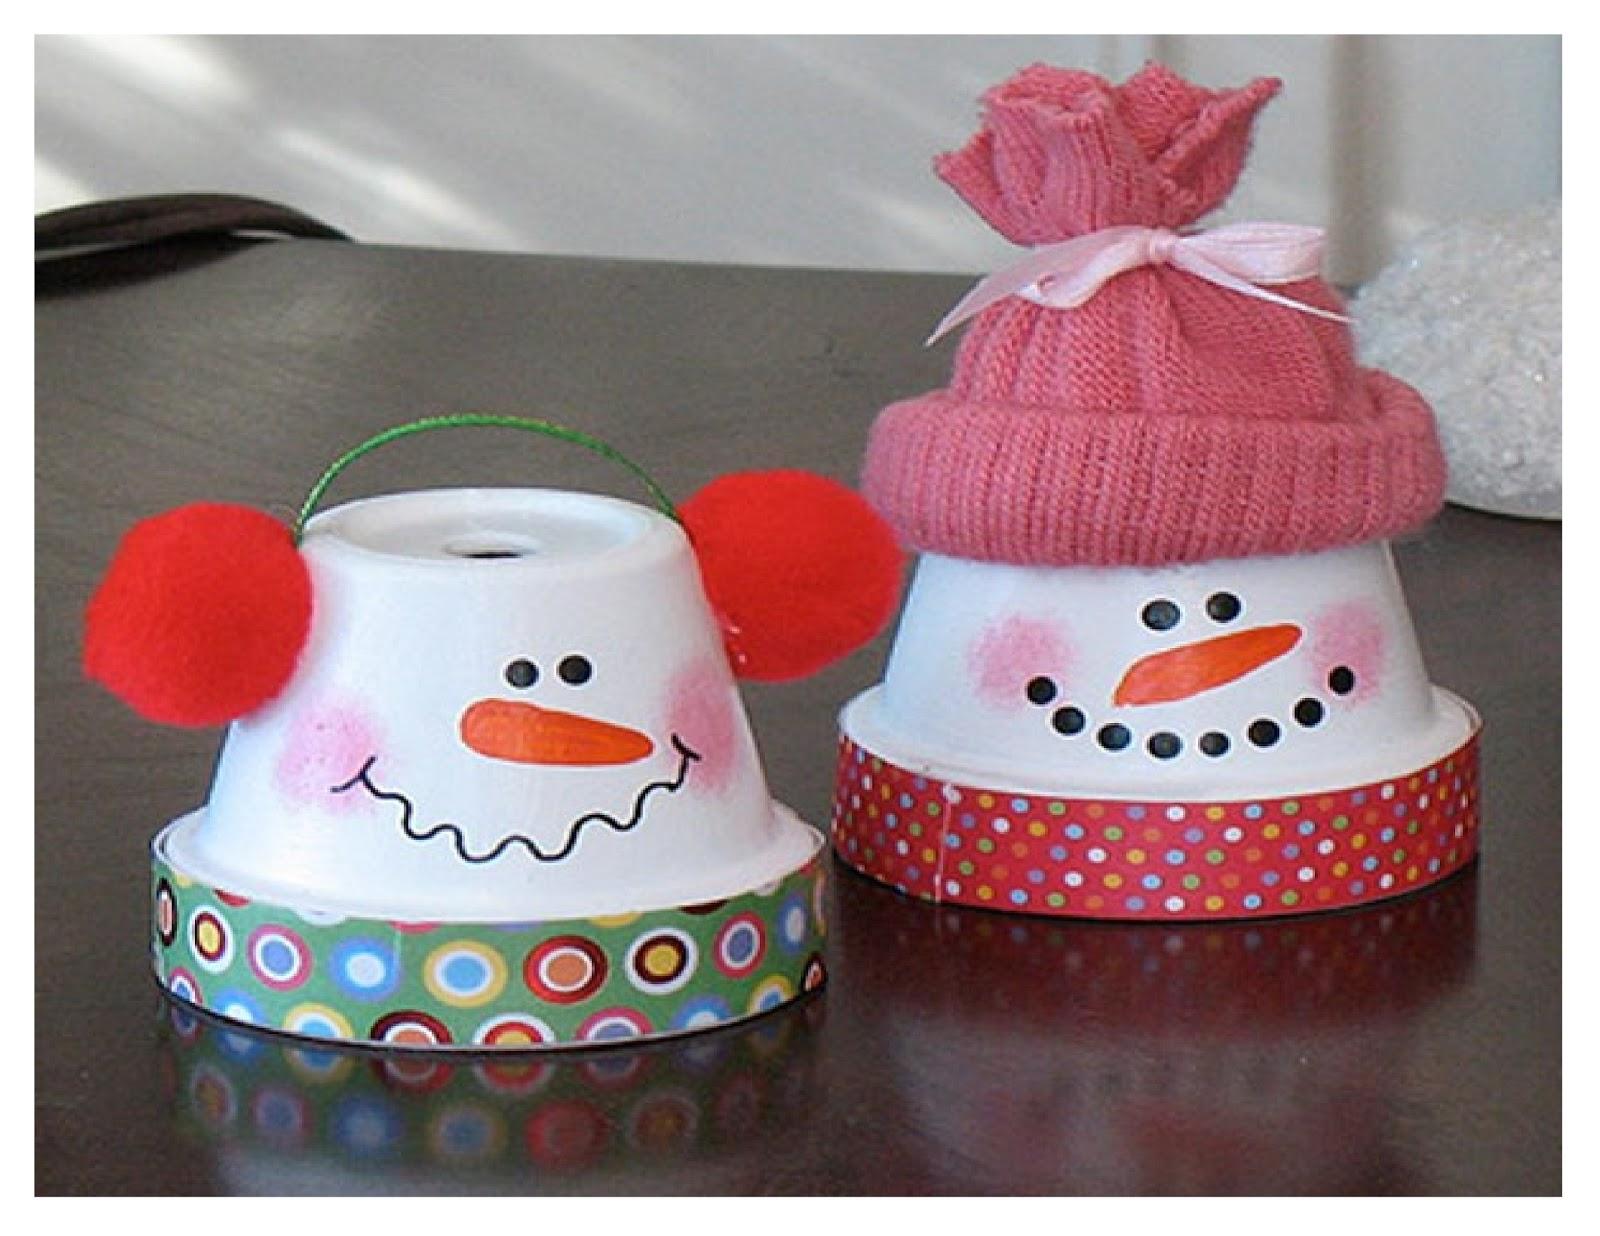 El que posee el don divino manualidades por navidad para for Manualidades de navidad para ninos